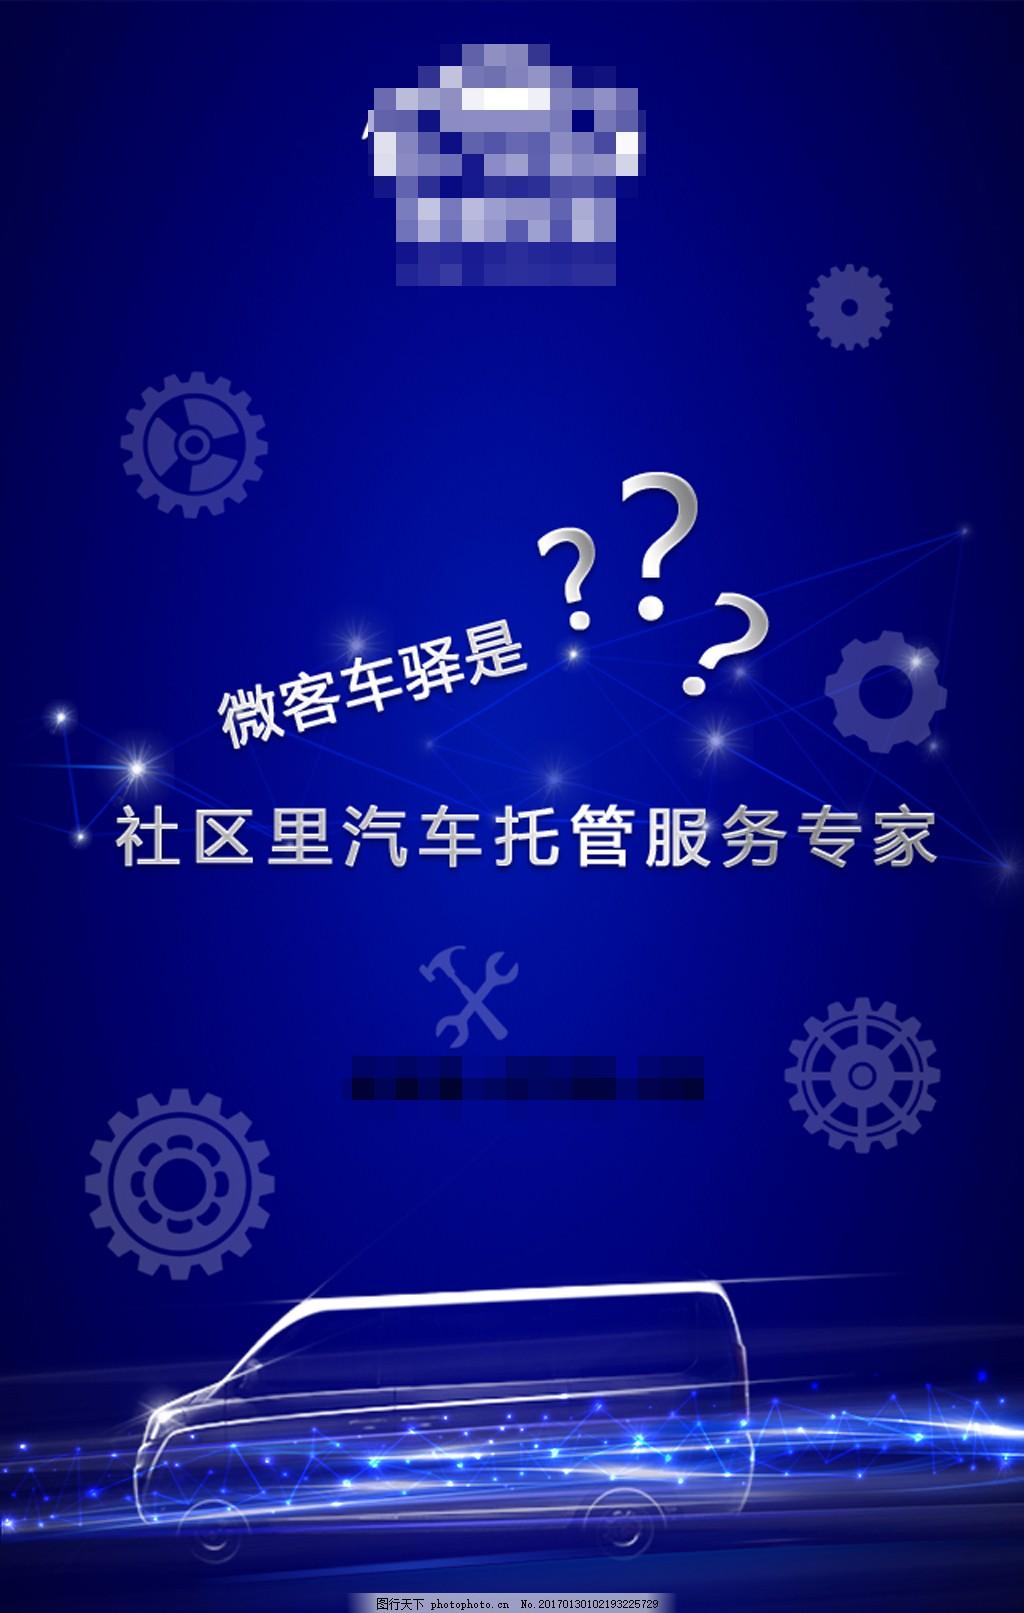 汽车宣传h5页面 汽车 服务 蓝色 h5 科技      设计 psd分层素材 h5